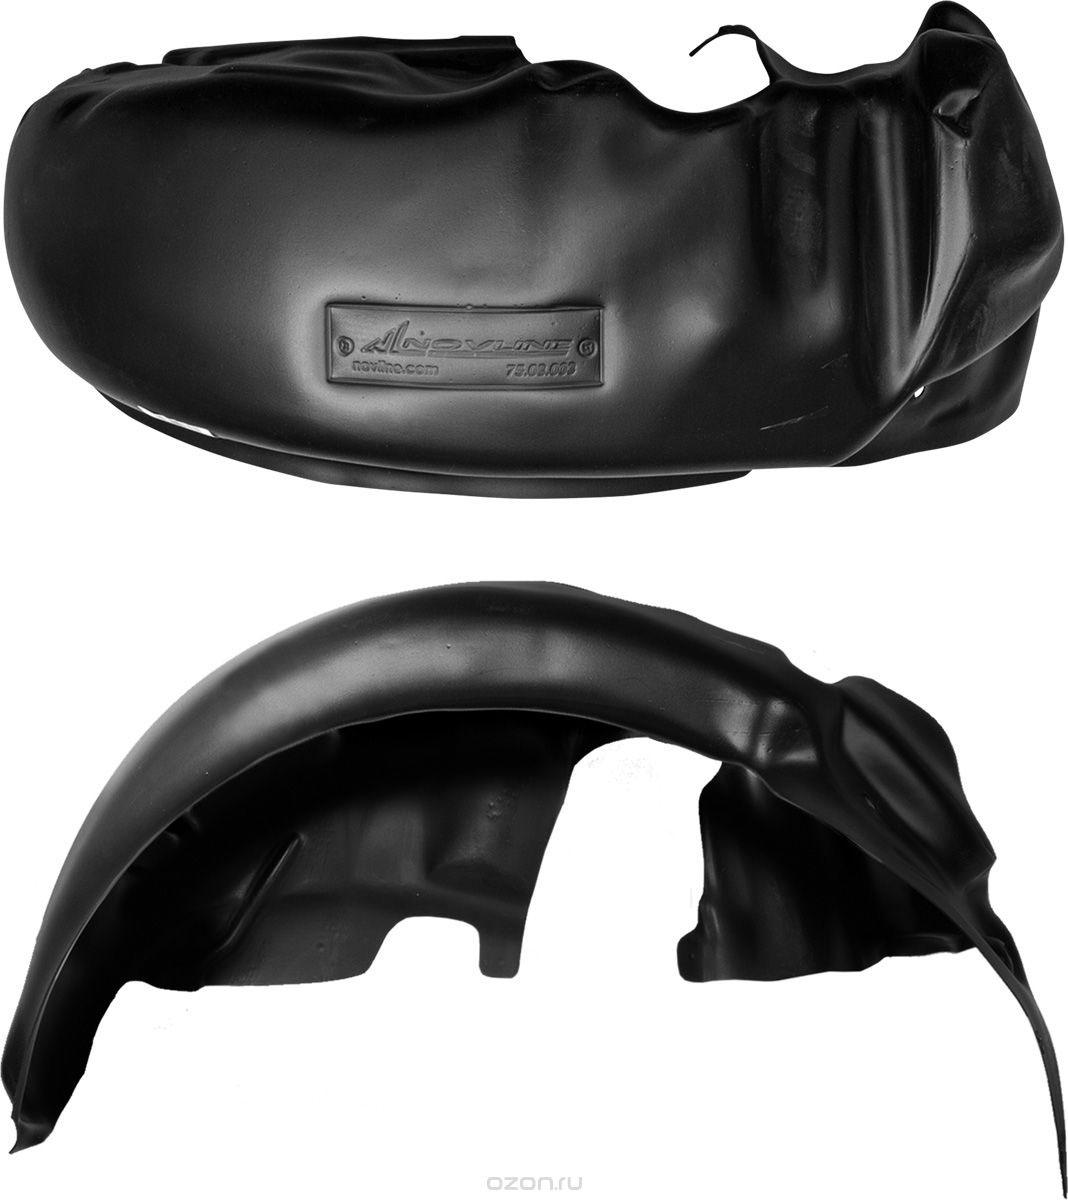 Подкрылок Novline-Autofamily, для Chery Indis, 2011->, задний левыйNLL.63.12.003Идеальная защита колесной ниши. Локеры разработаны с применением цифровых технологий, гарантируют максимальную повторяемость поверхности арки. Изделия устанавливаются без нарушения лакокрасочного покрытия автомобиля, каждый подкрылок комплектуется крепежом. Уважаемые клиенты, обращаем ваше внимание, что фотографии на подкрылки универсальные и не отражают реальную форму изделия. При этом само изделие идет точно под размер указанного автомобиля.